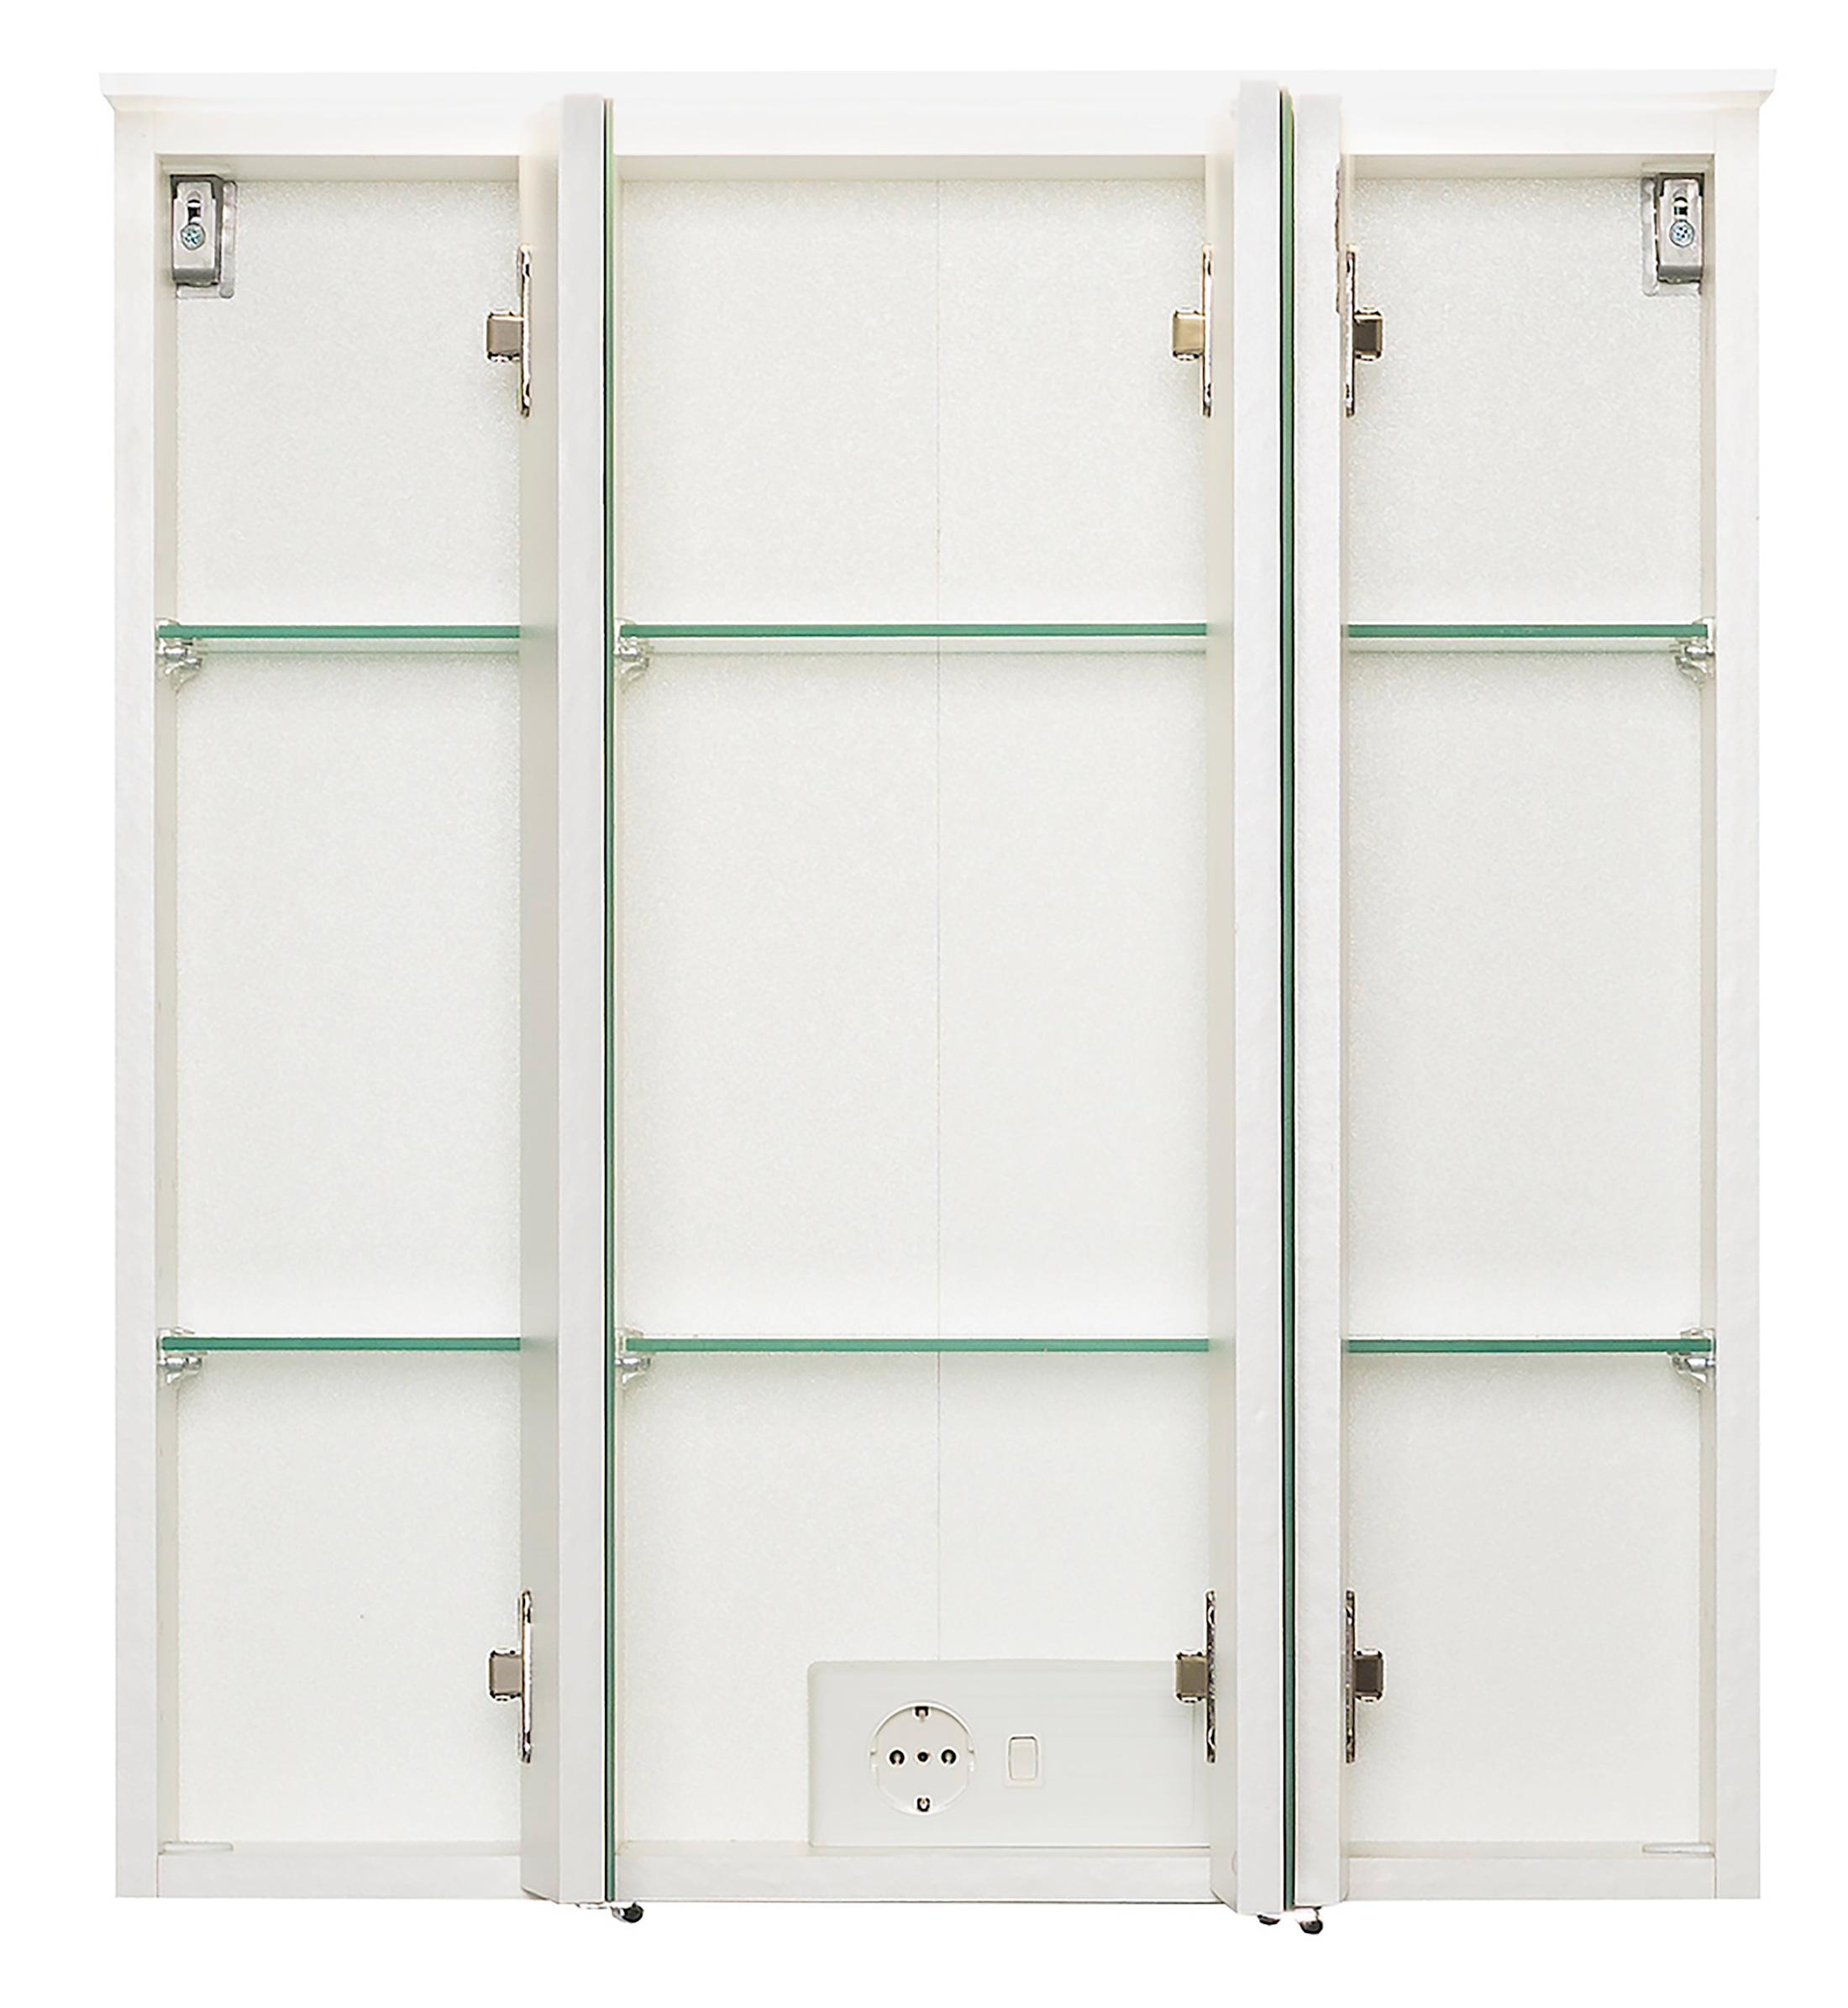 bad spiegelschrank 3 t rig mit beleuchtung 60 cm breit wei bad spiegelschr nke. Black Bedroom Furniture Sets. Home Design Ideas